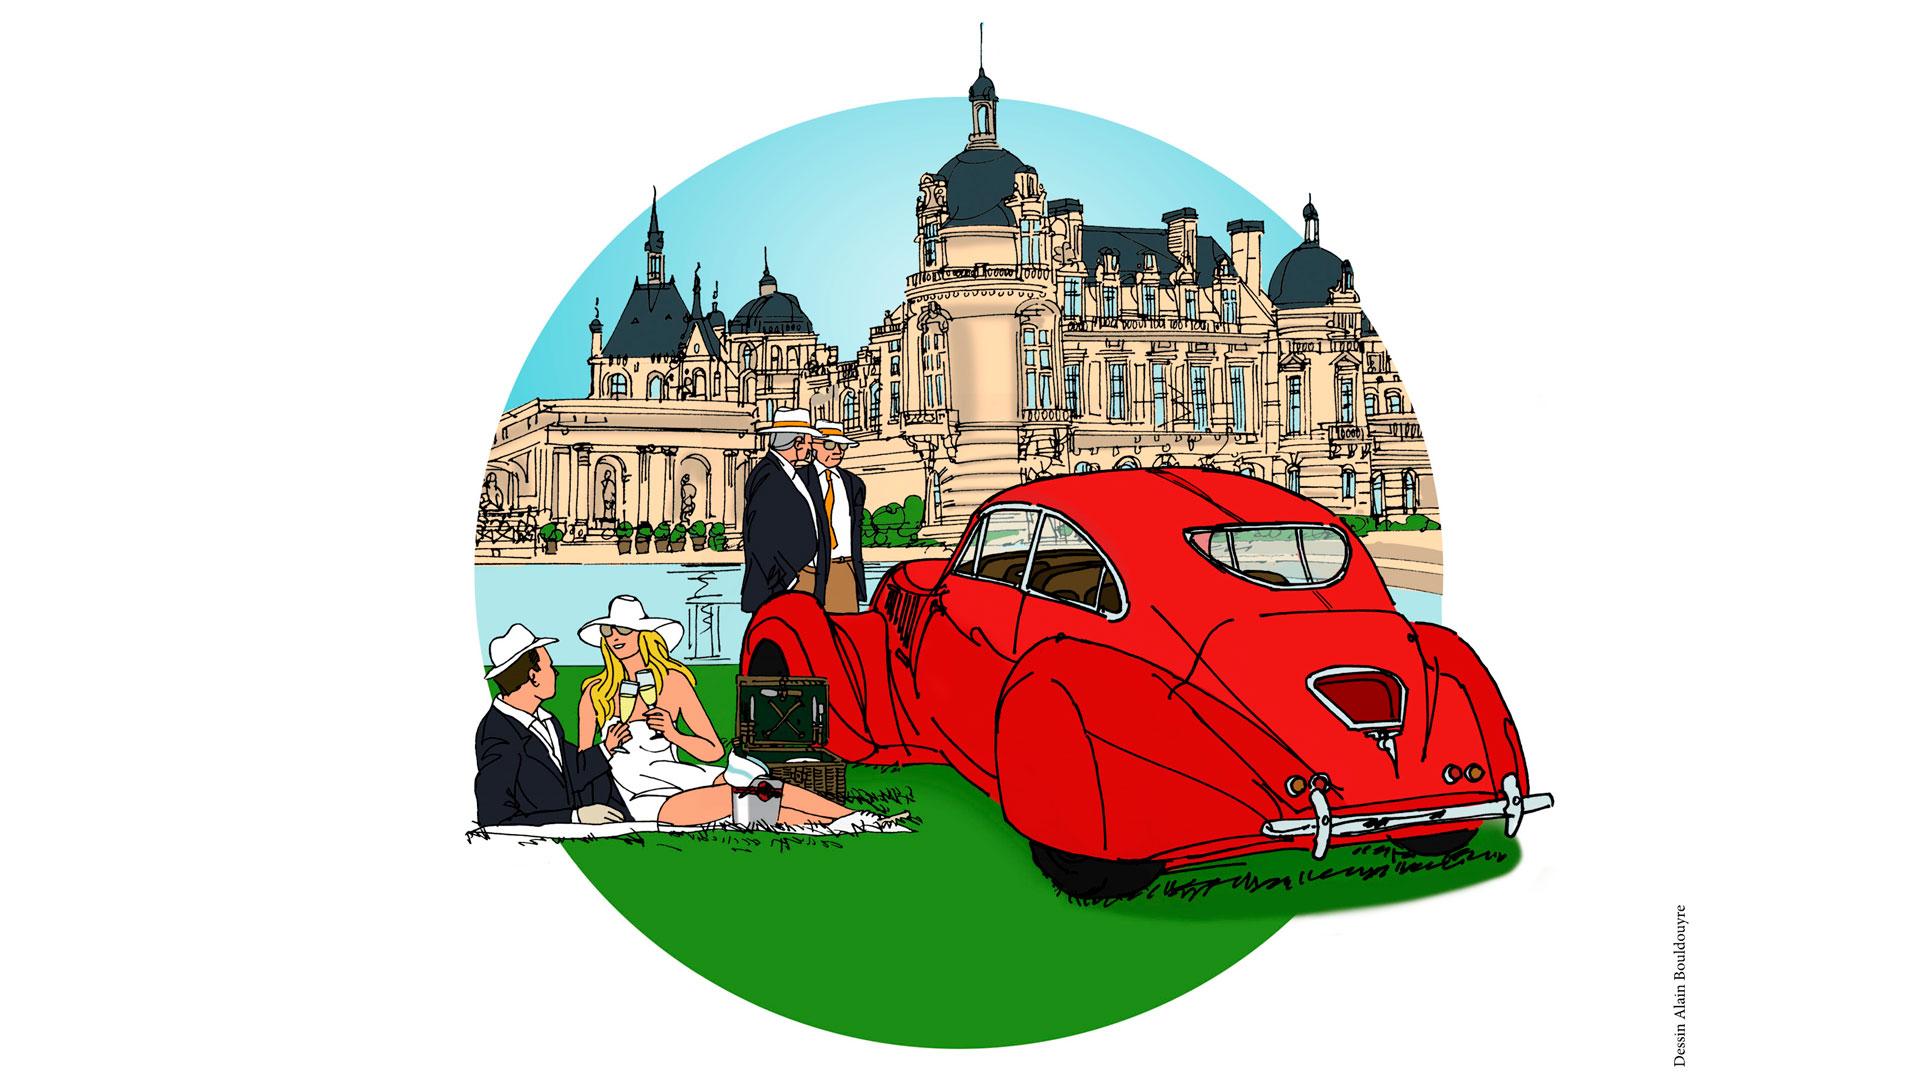 Imagen del evento de vehículos Chantilly Arts Elegance